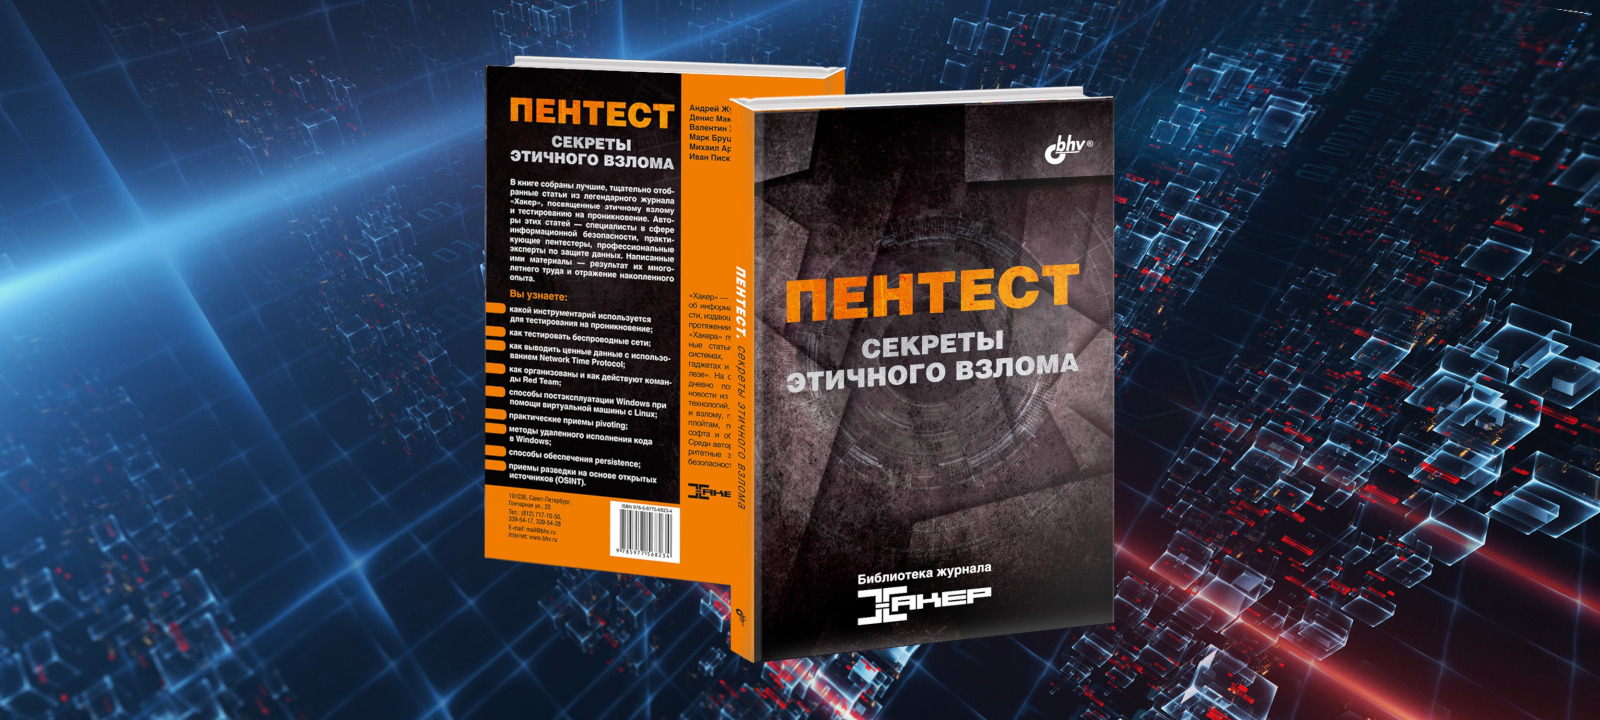 Новая книга авторов Хакера: Пентест. Секреты этичного взлома